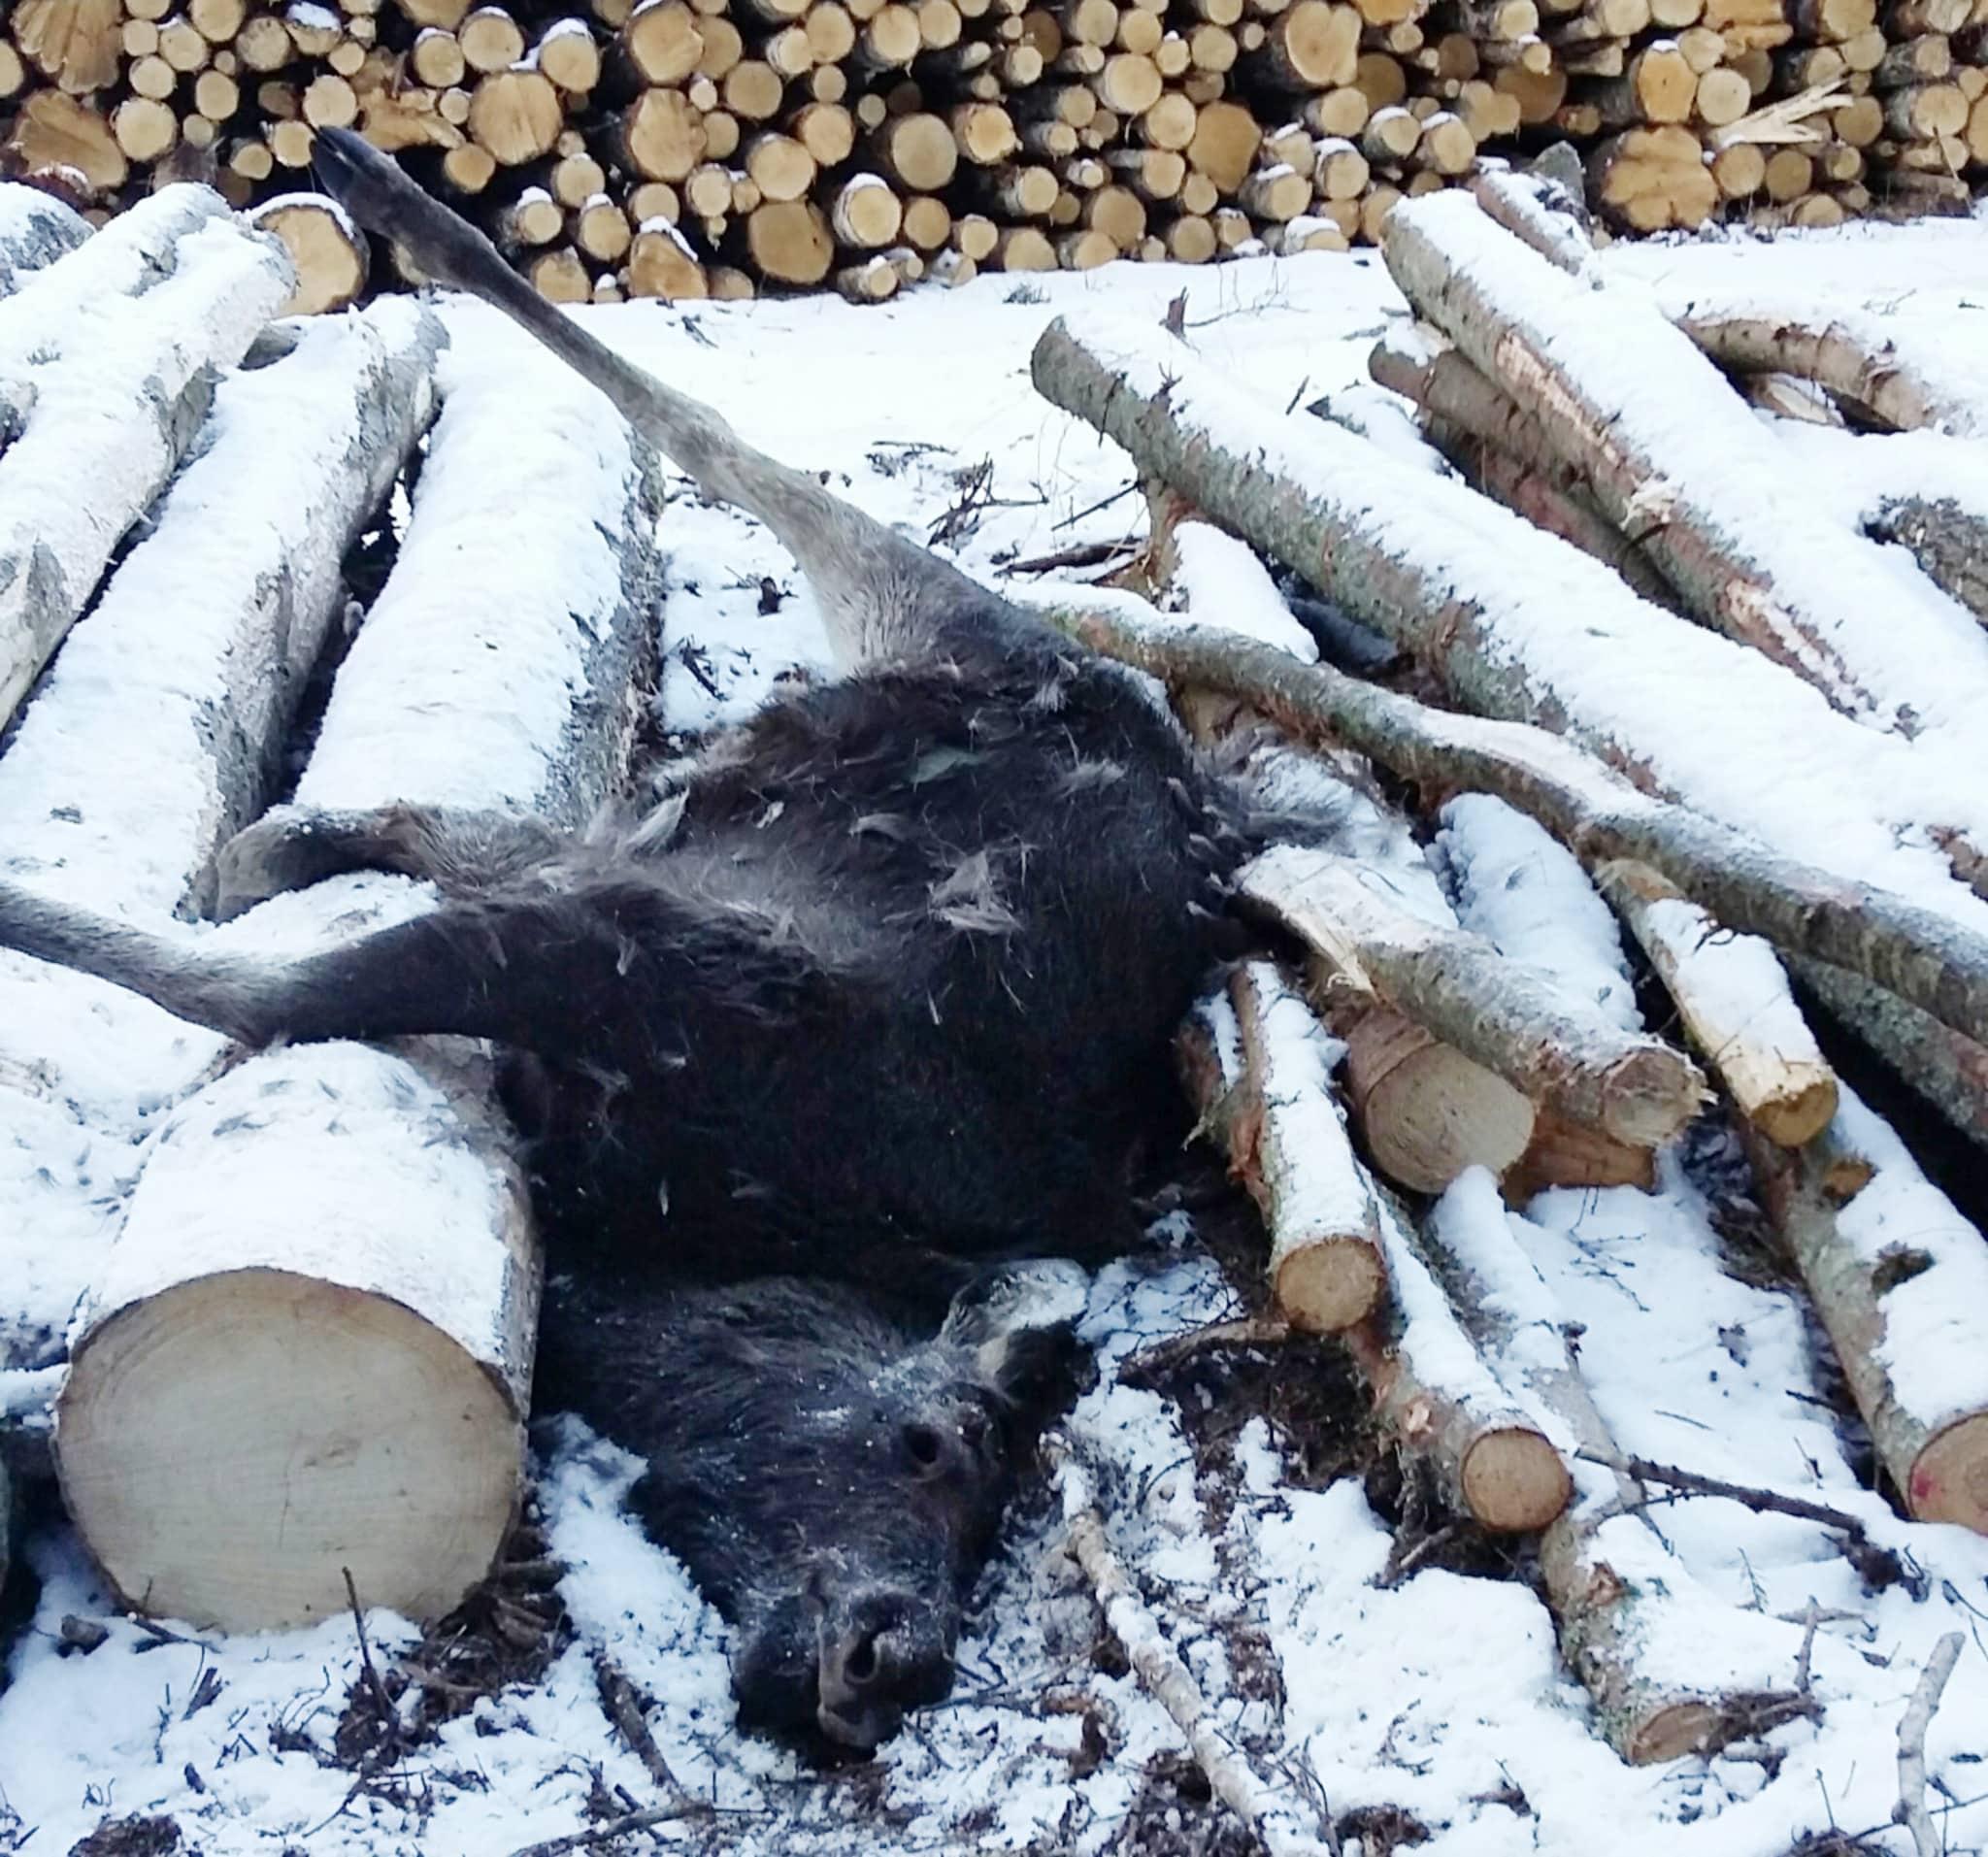 Älgkalven har gått på vältan och gnagt bark när den fastnat med båda frambenen i glipan mellan två aspbitar, ramlat och därefter inte kunnat ta sig upp. Foto: Niklas Einar